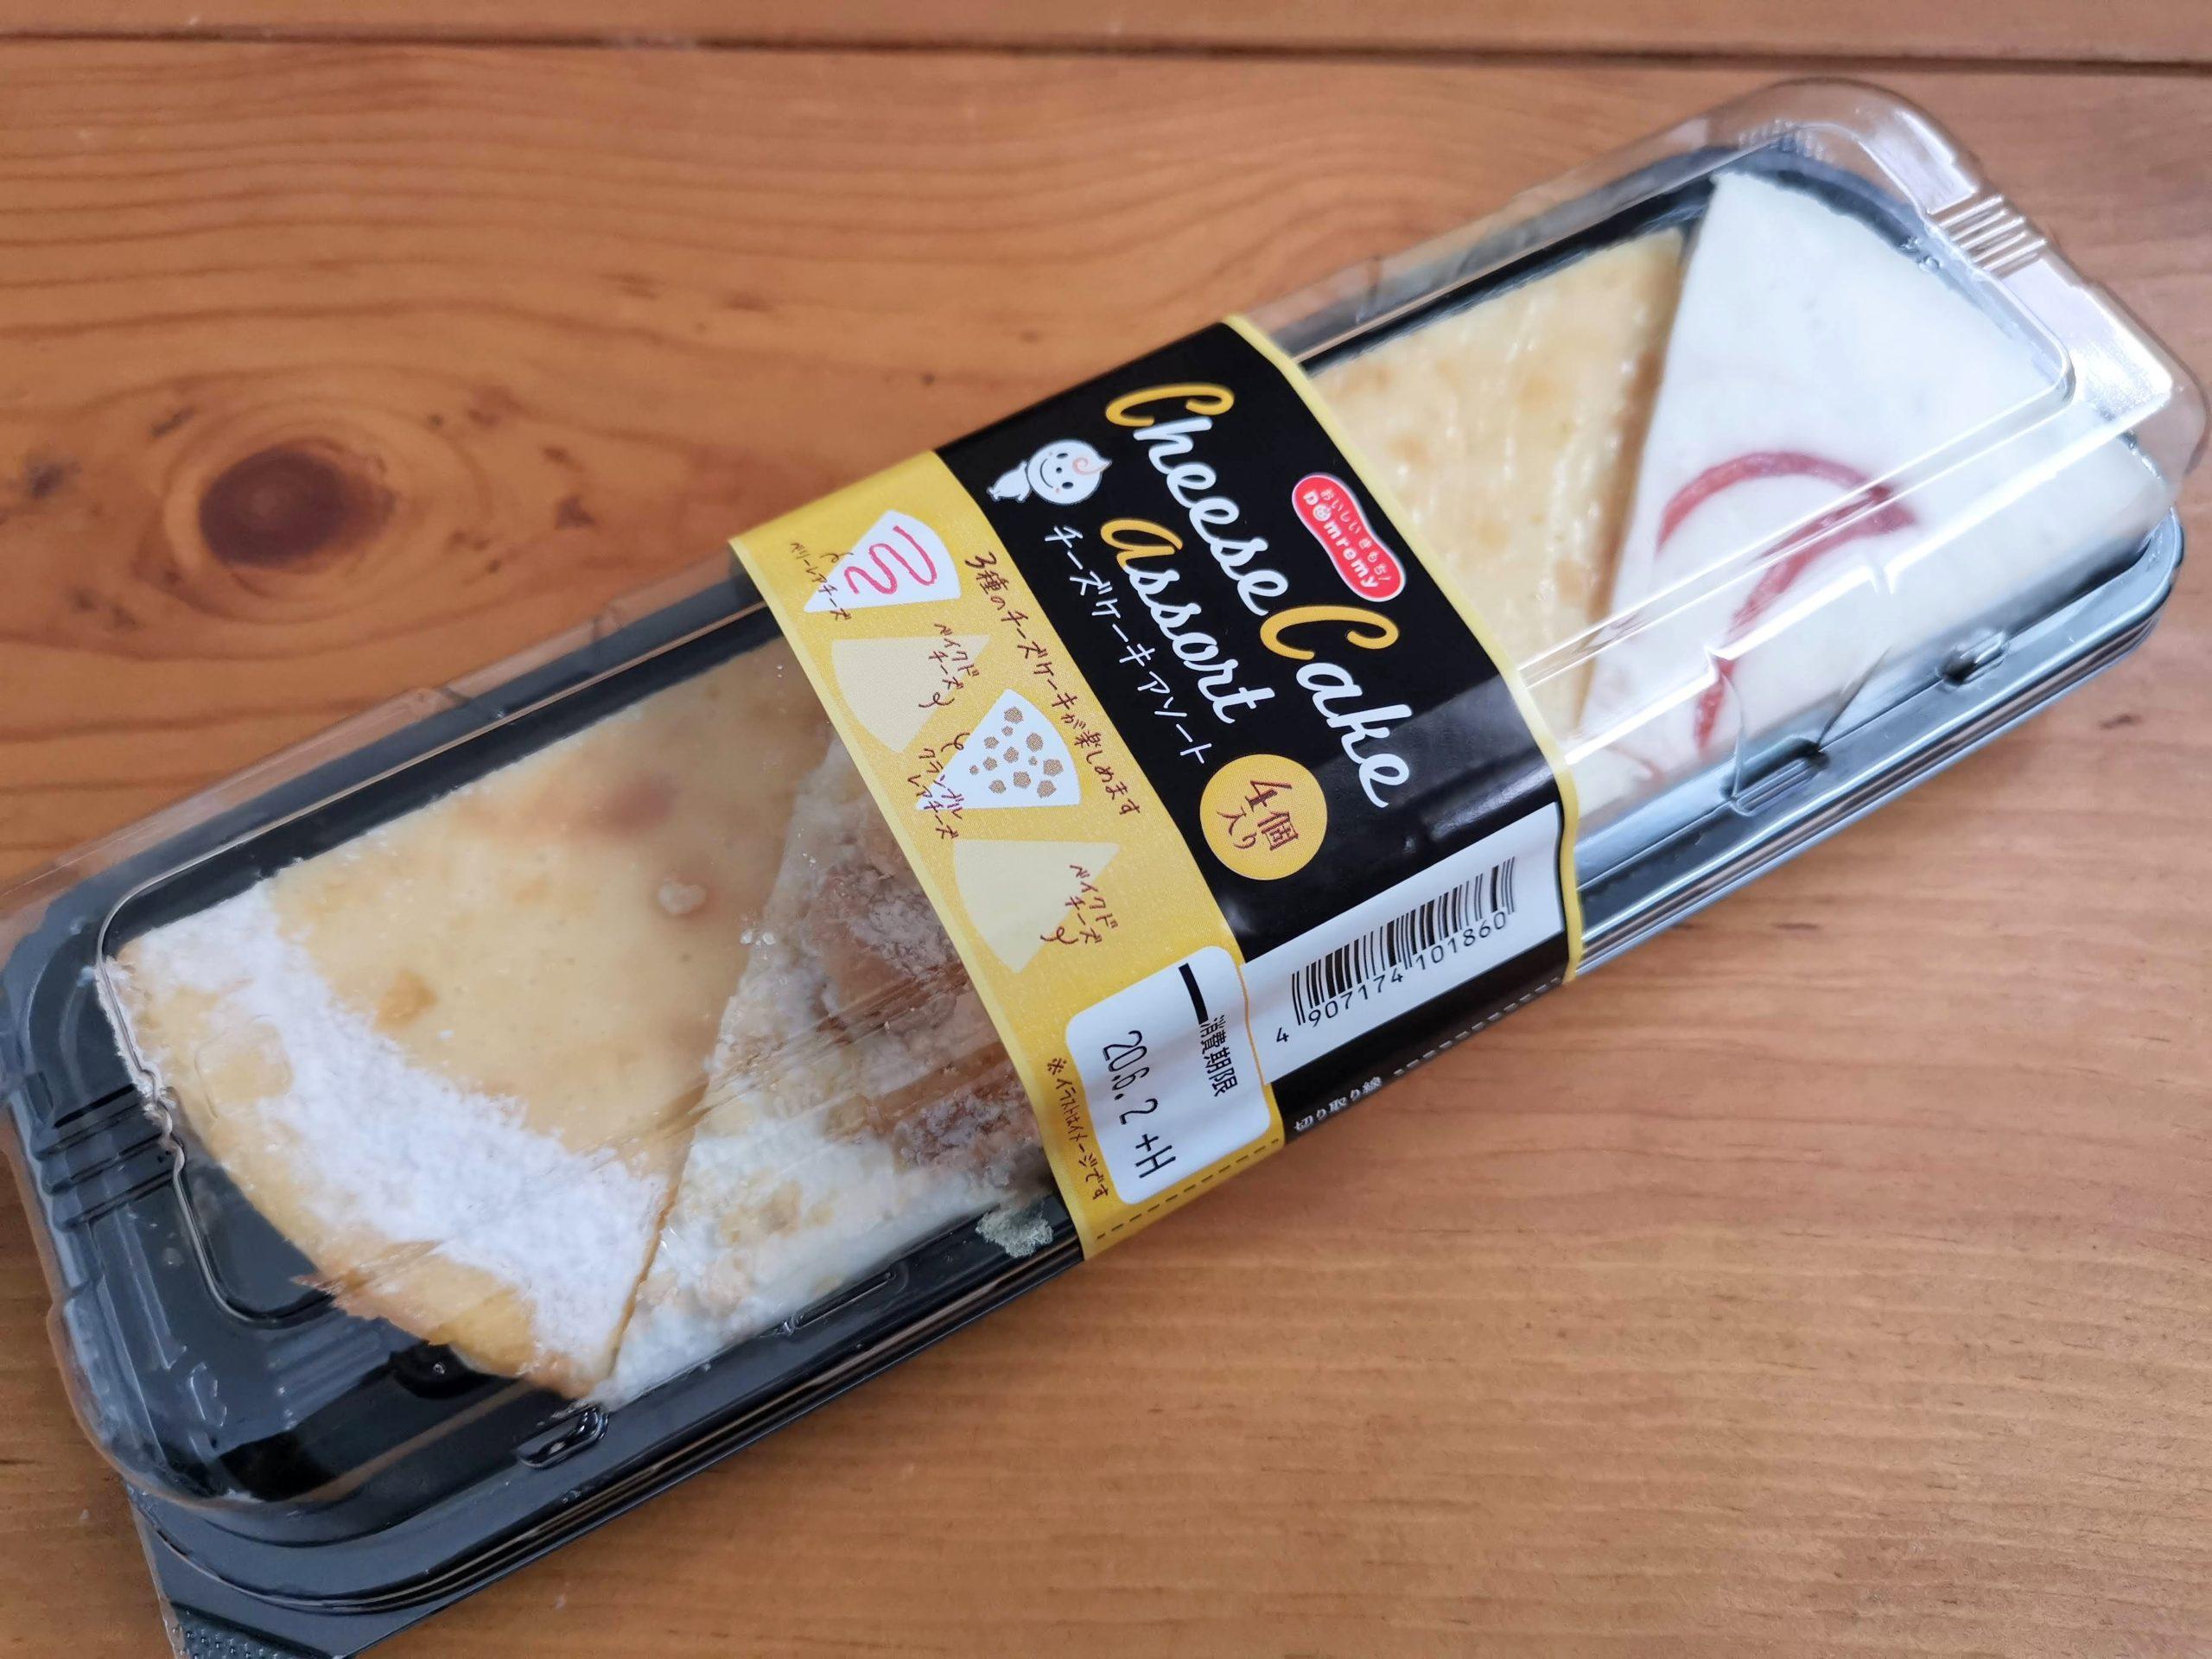 ドンレミーのチーズケーキ一覧